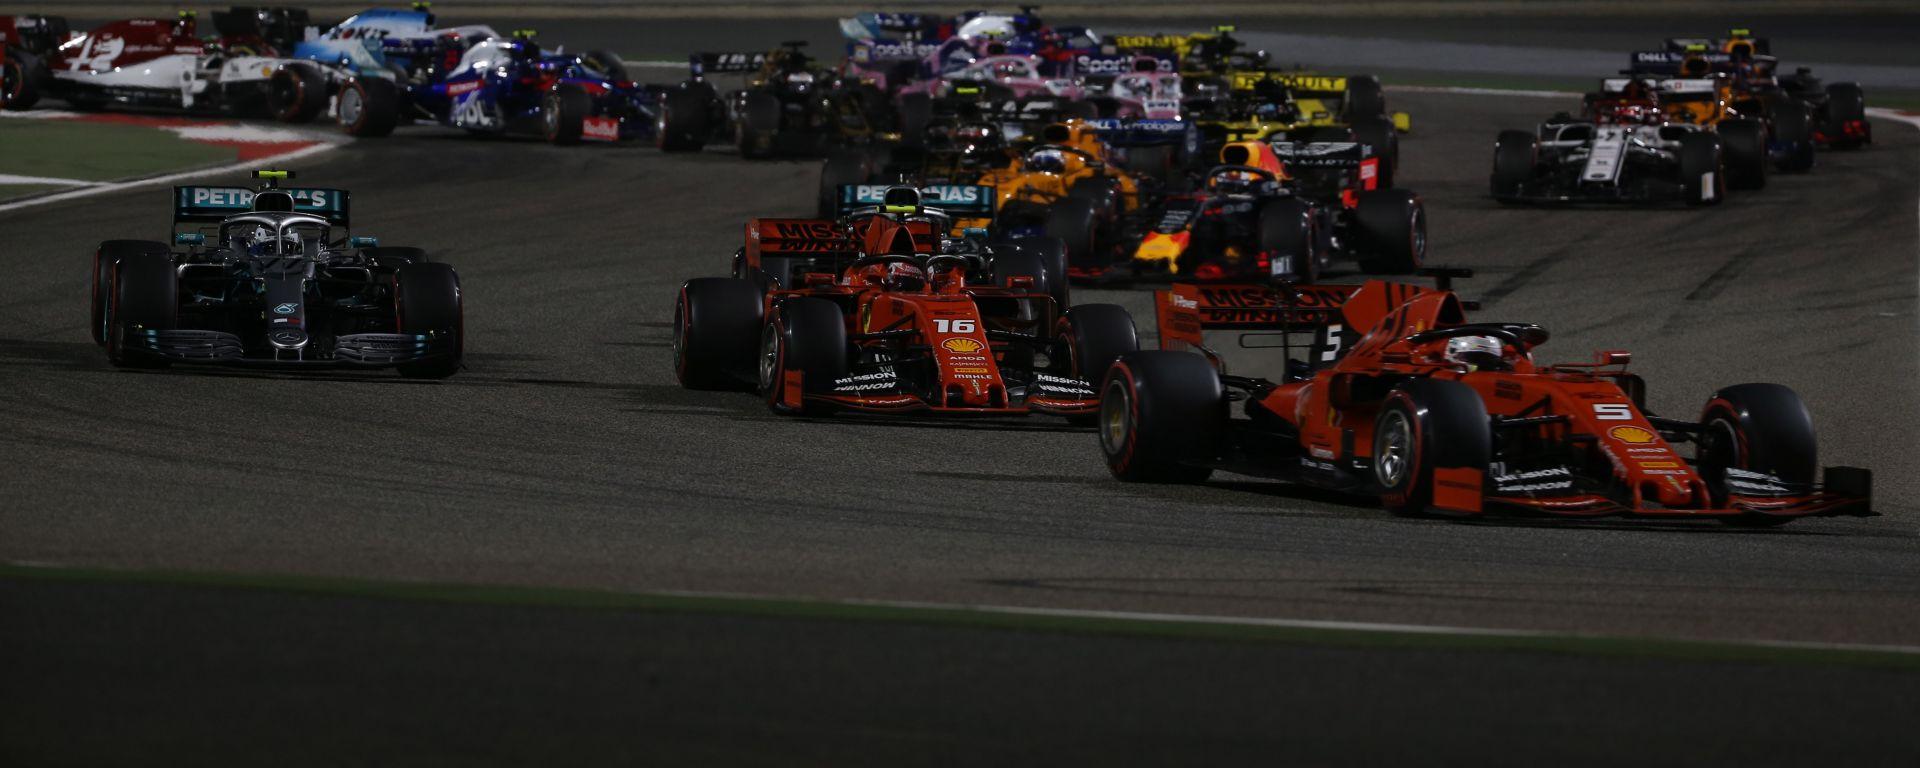 F1, la partenza del Gp Bahrain 2019